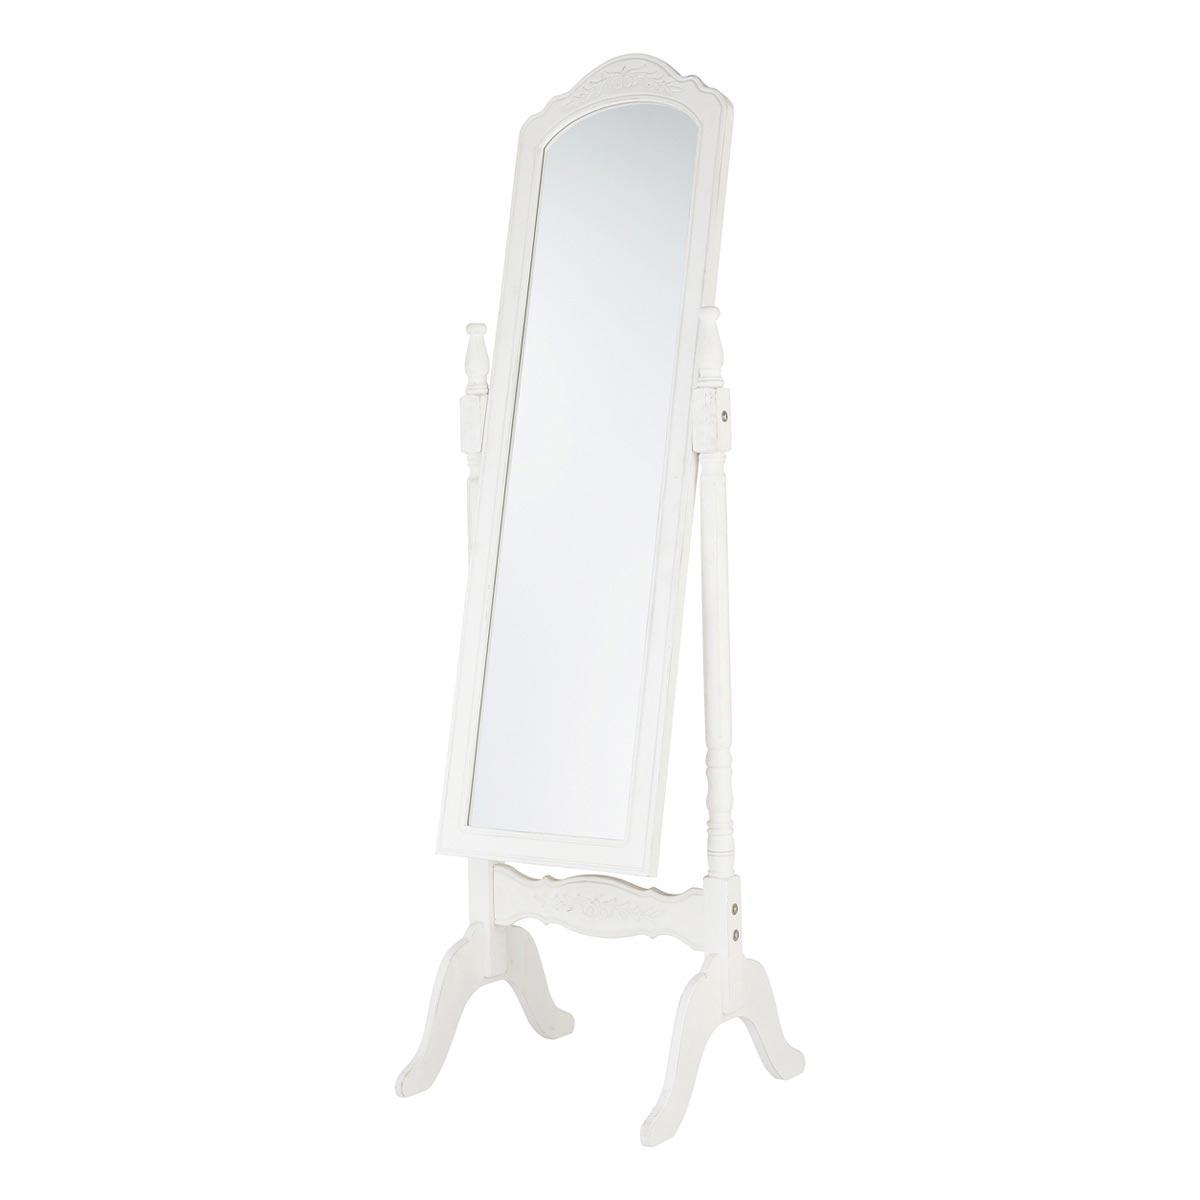 Foto espejo de pie y joyero camille foto 314007 for Espejo pie blanco